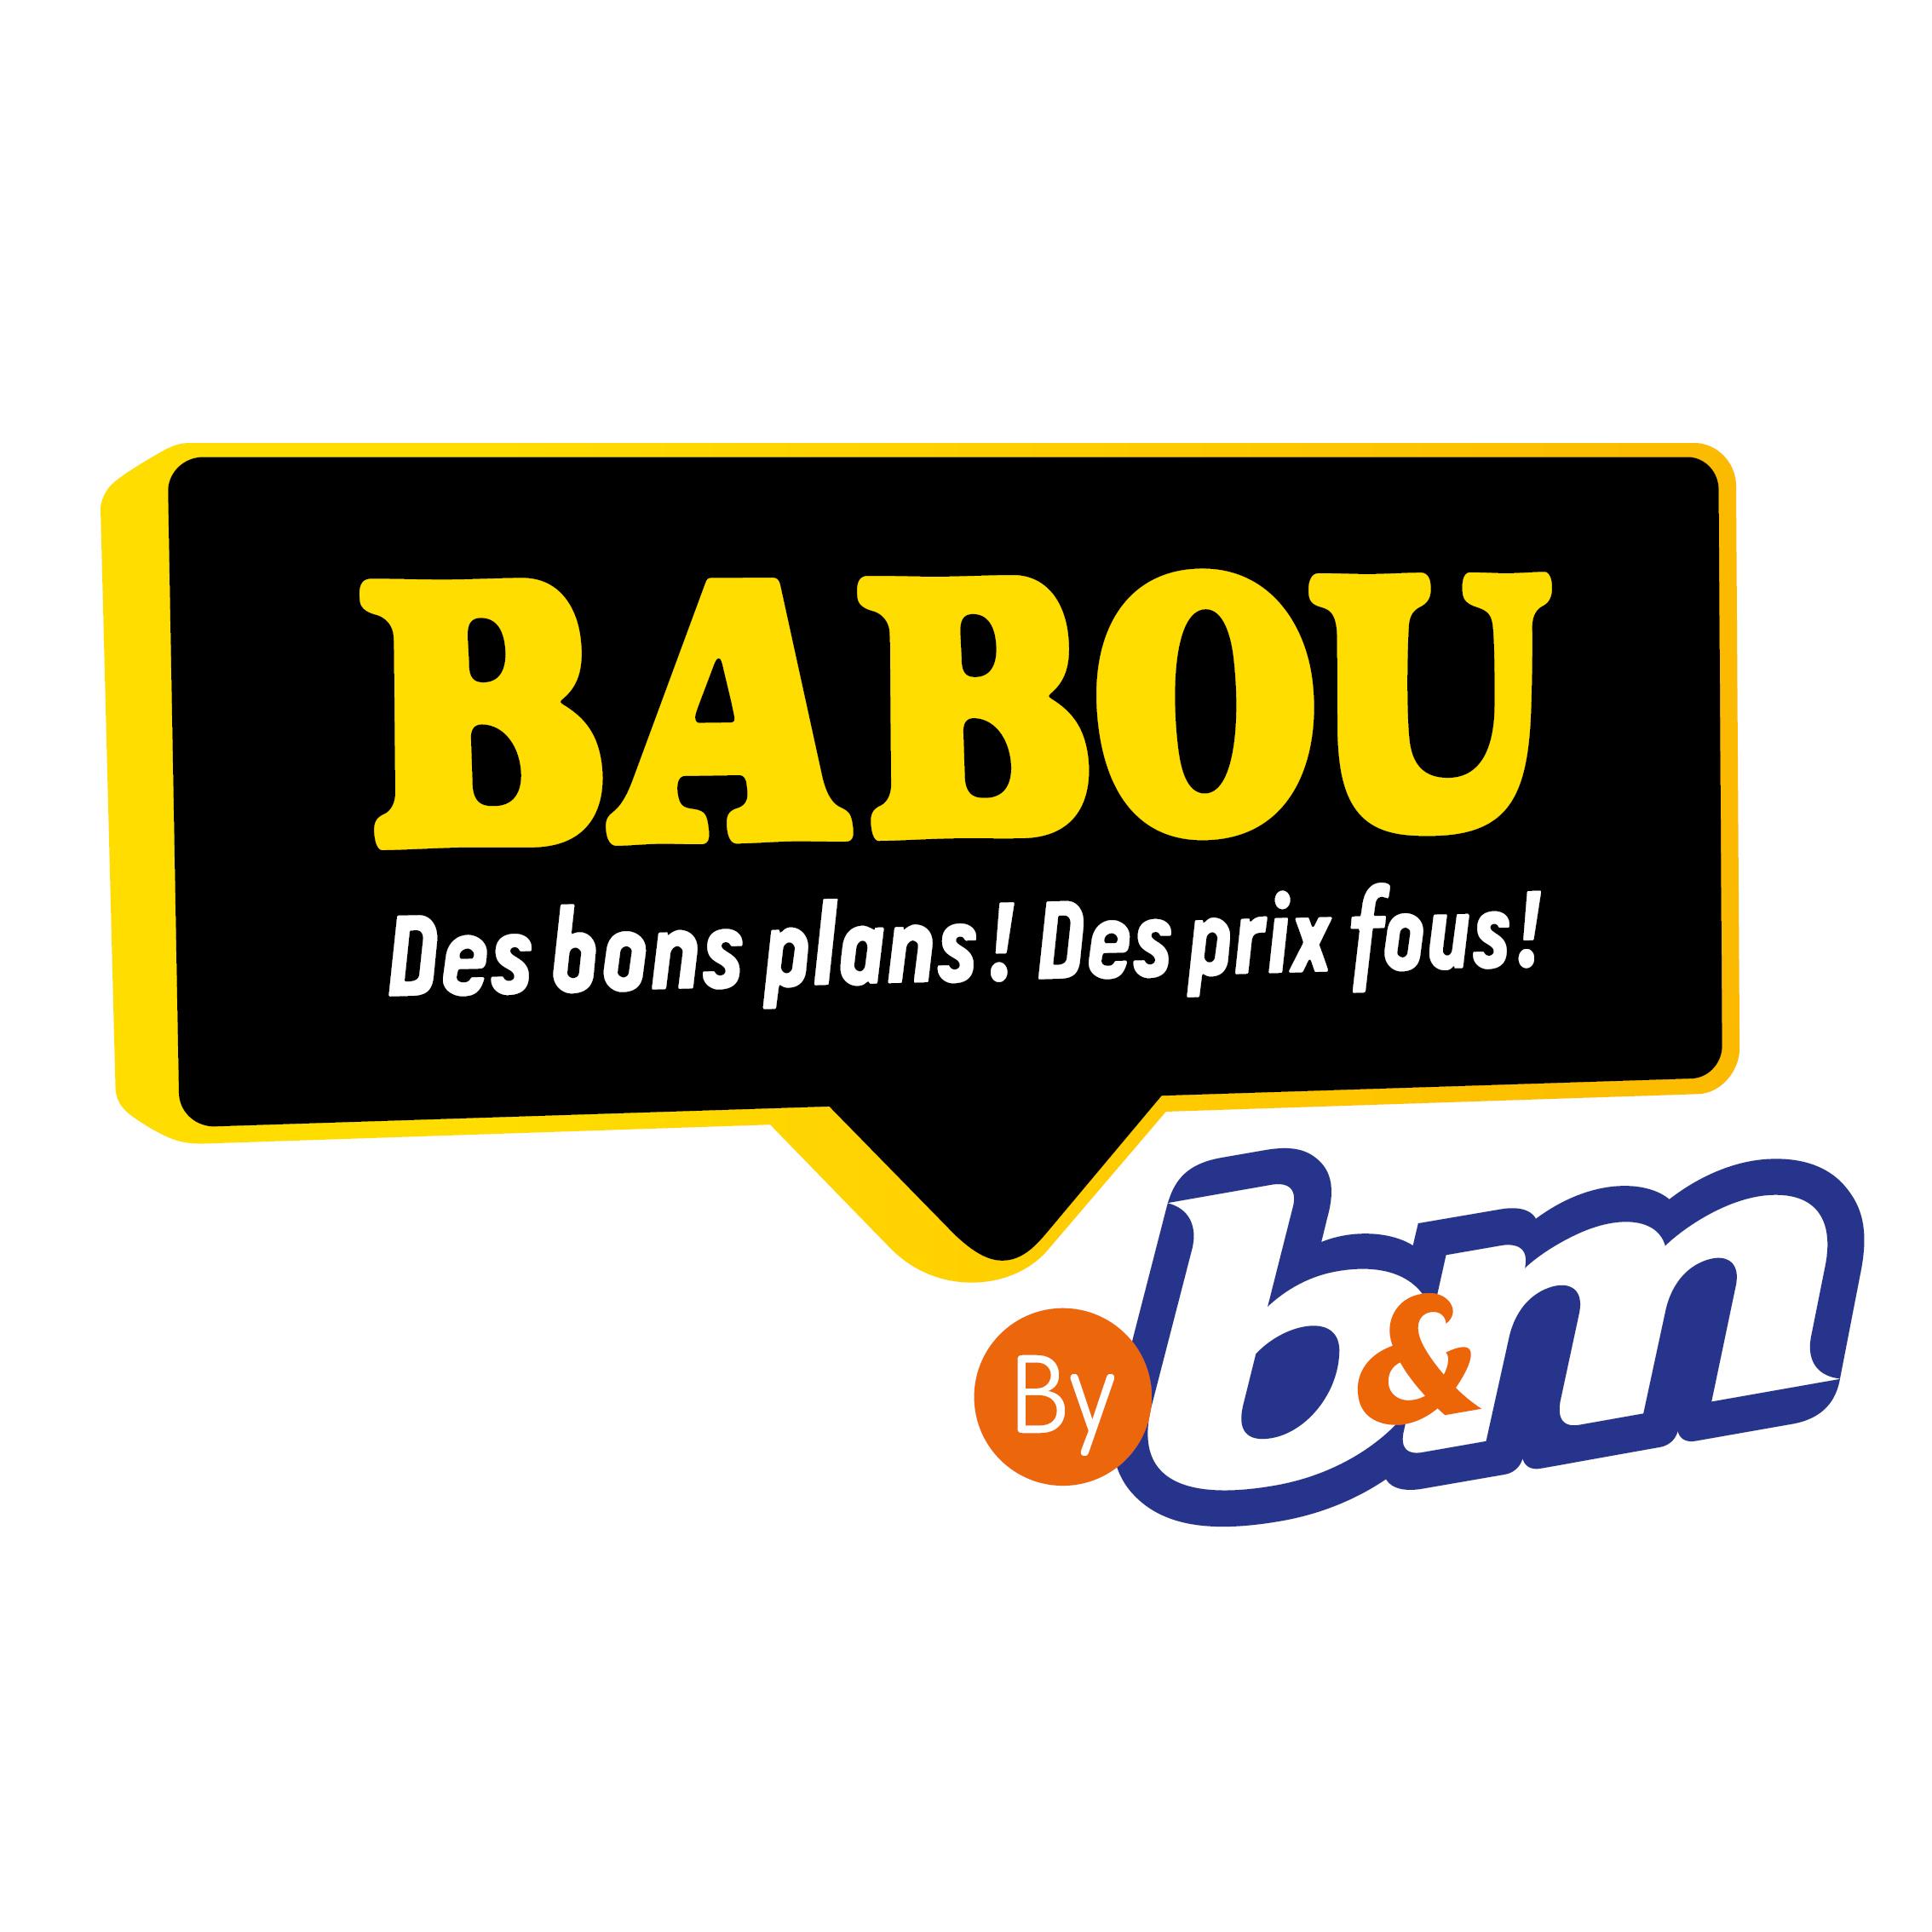 Babou - L'officiel De La Franchise à Babou Piscine